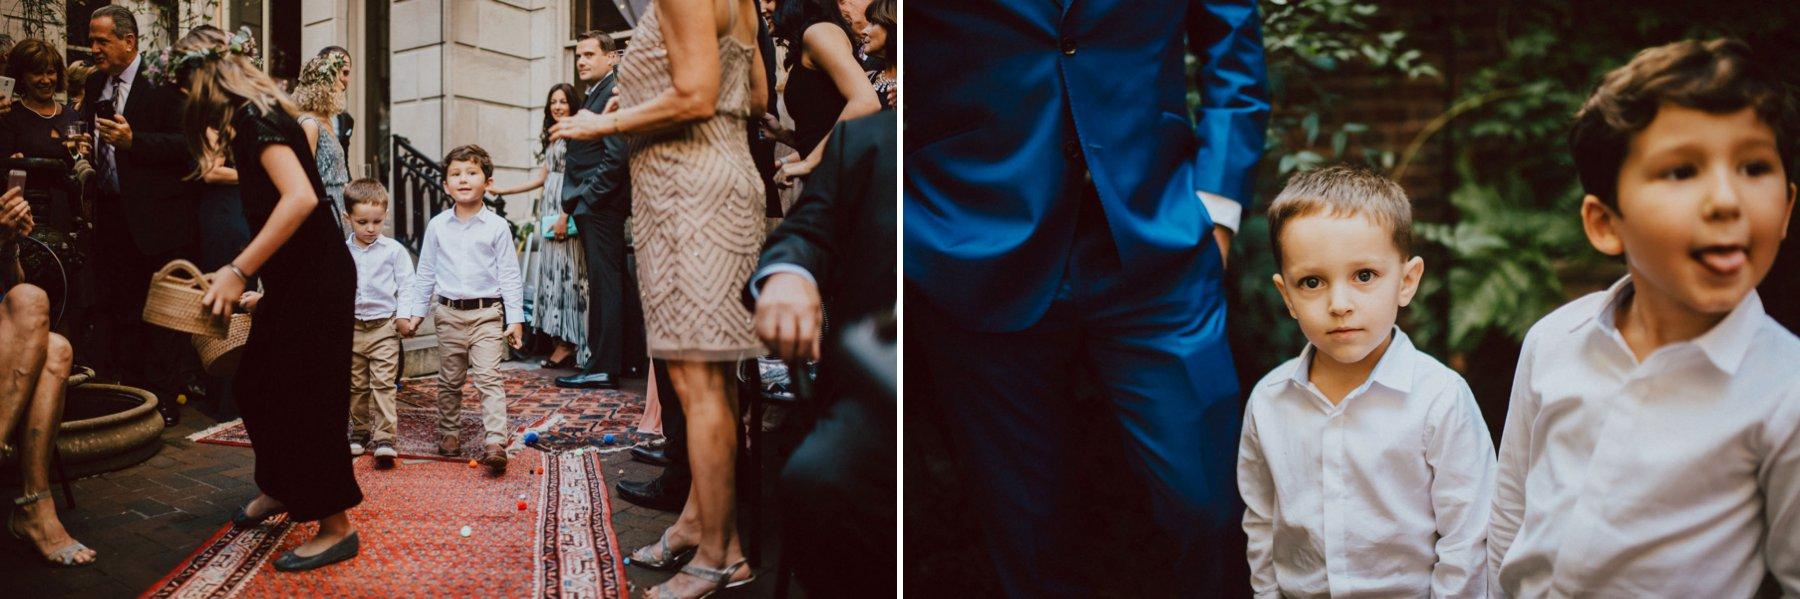 la-cheri-philadelphia-wedding-47.jpg